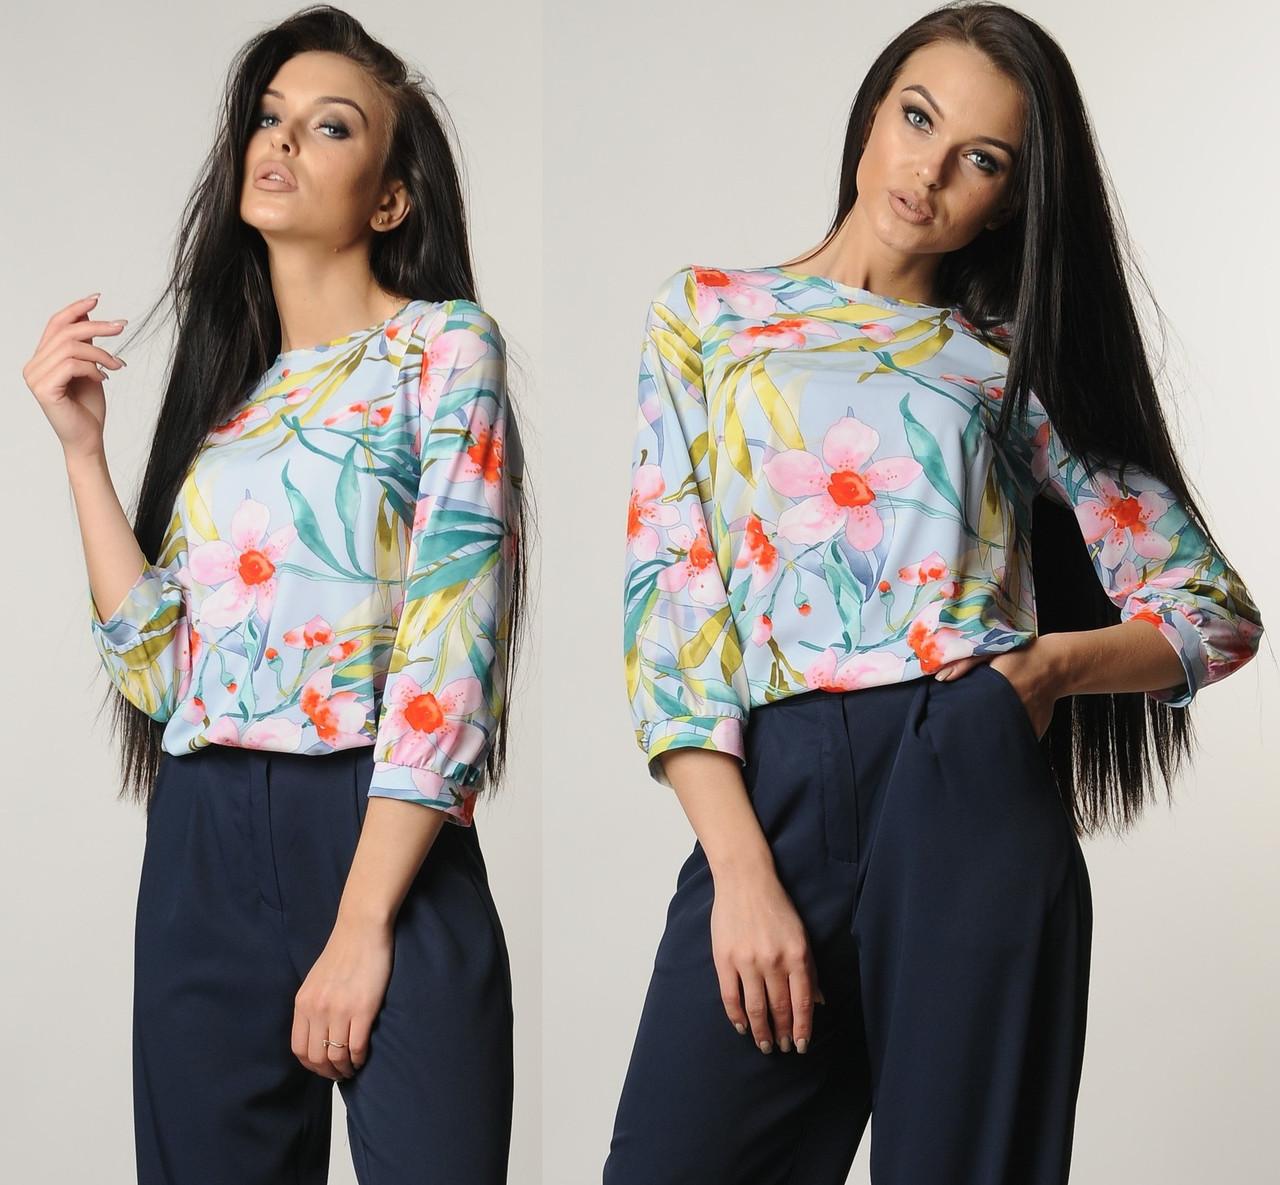 19fd71940c6 Шифоновая блузка женская летняя блуза трикотажная тонкая 52 - Интернет  магазин Sport-sila.com